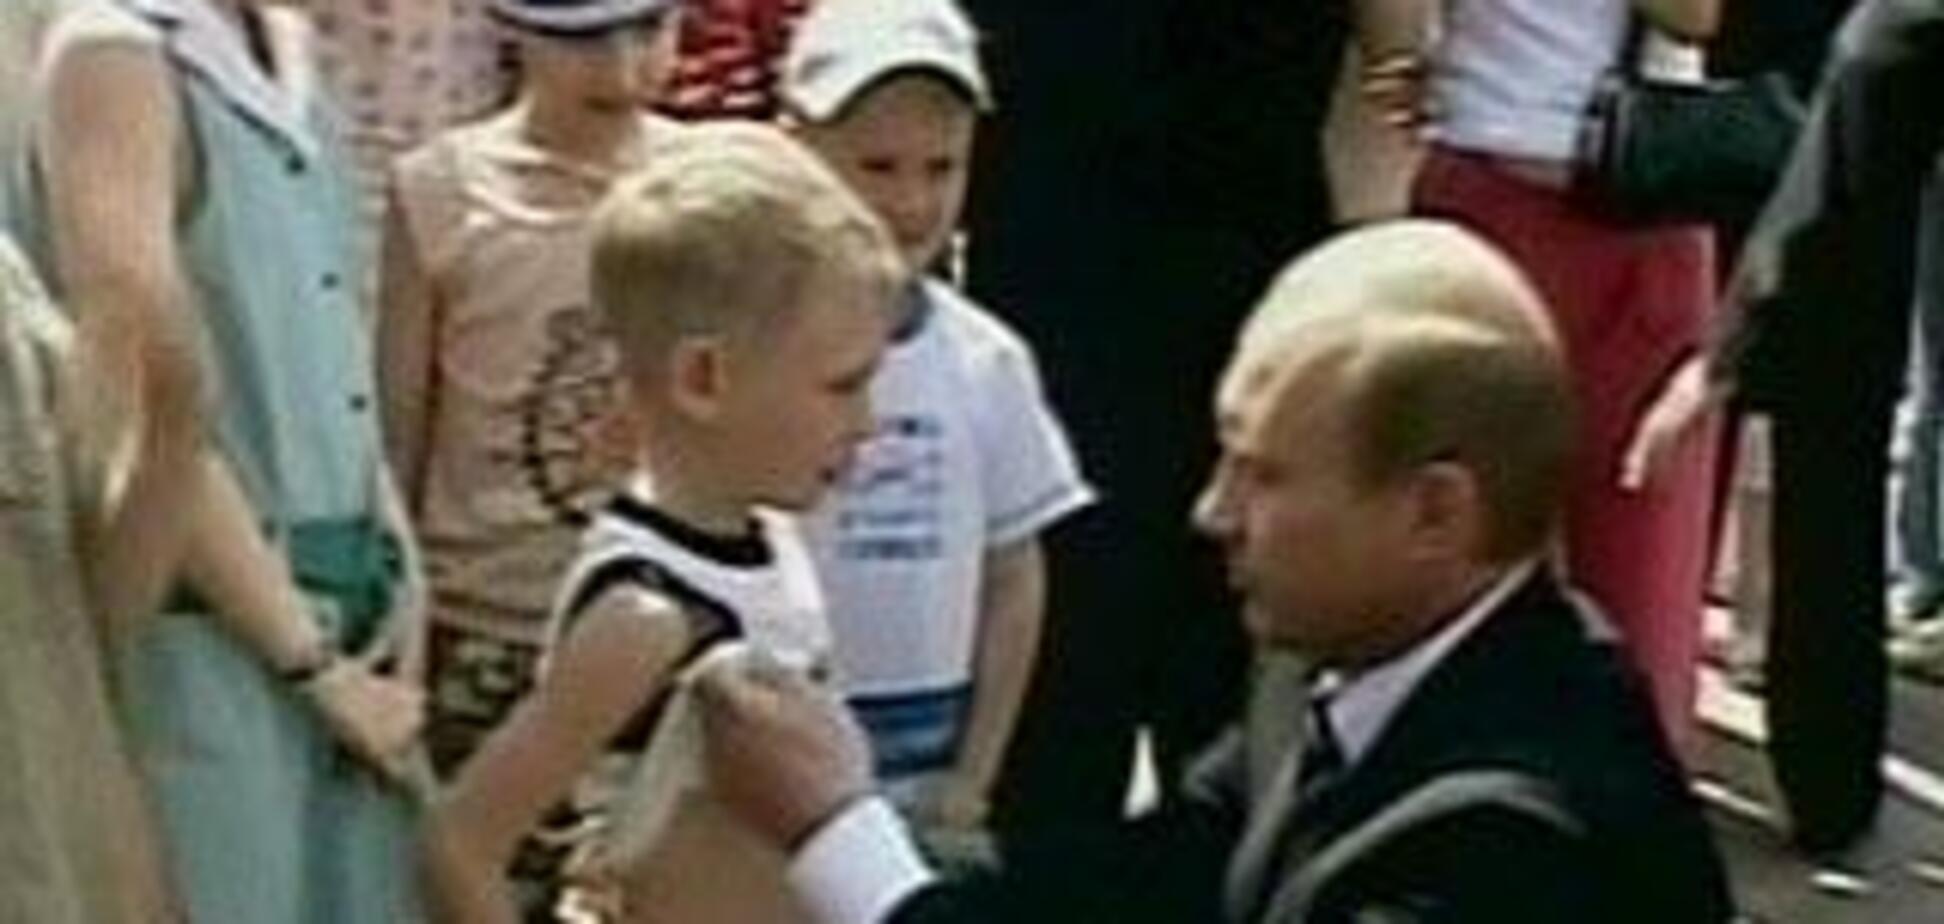 Так сейчас выглядит мальчик,которого Путин поцеловал в живот